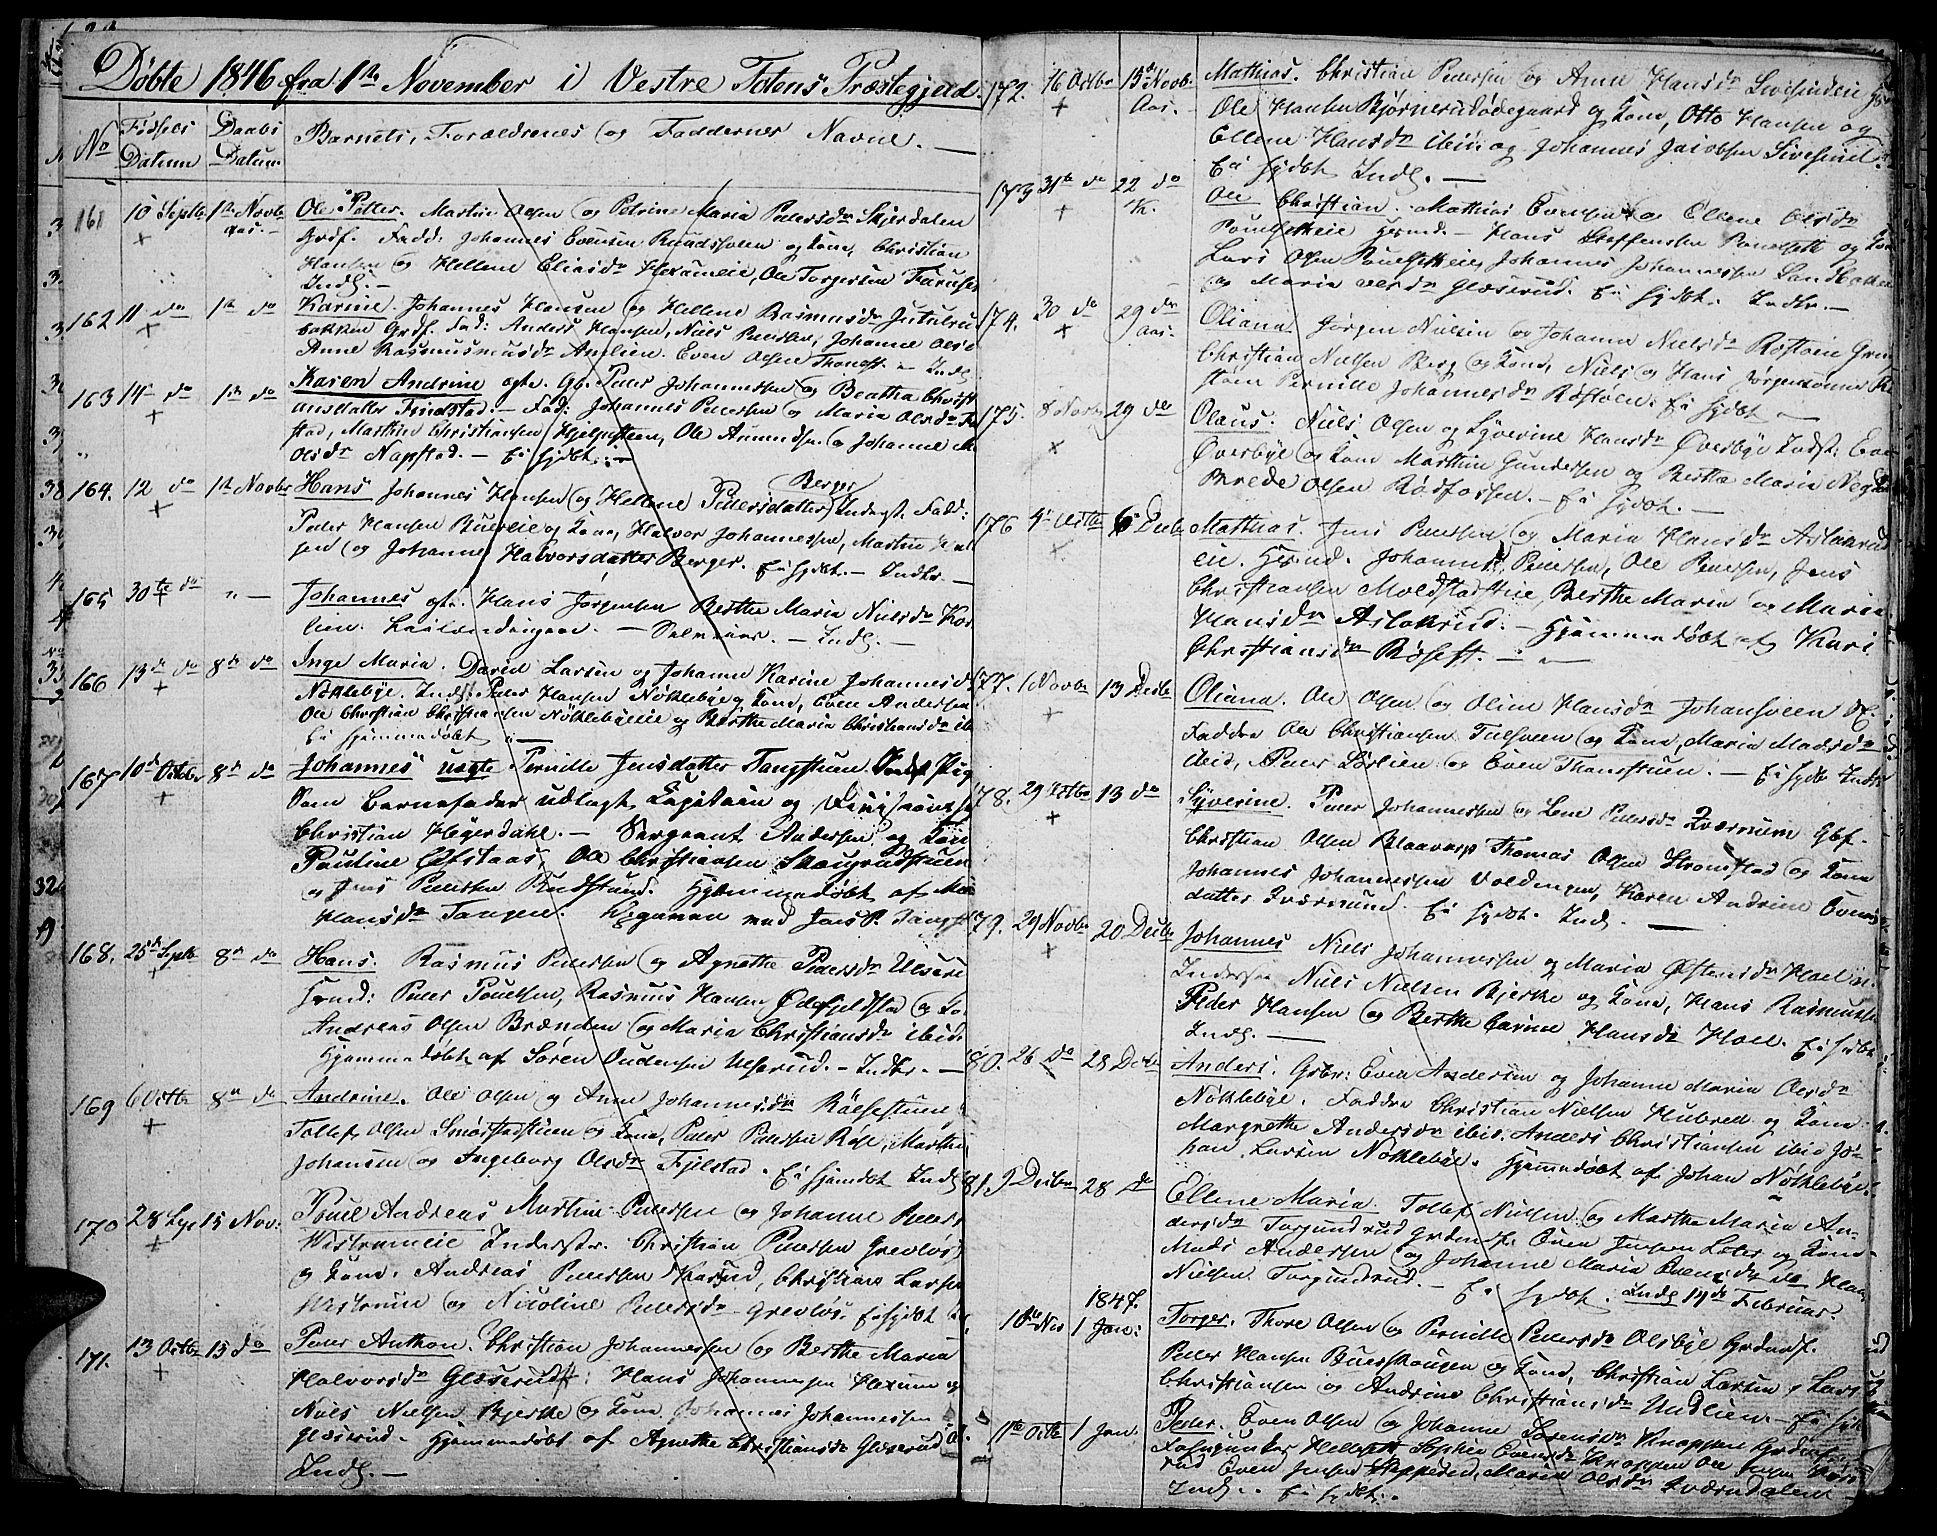 SAH, Vestre Toten prestekontor, Klokkerbok nr. 3, 1846-1854, s. 10